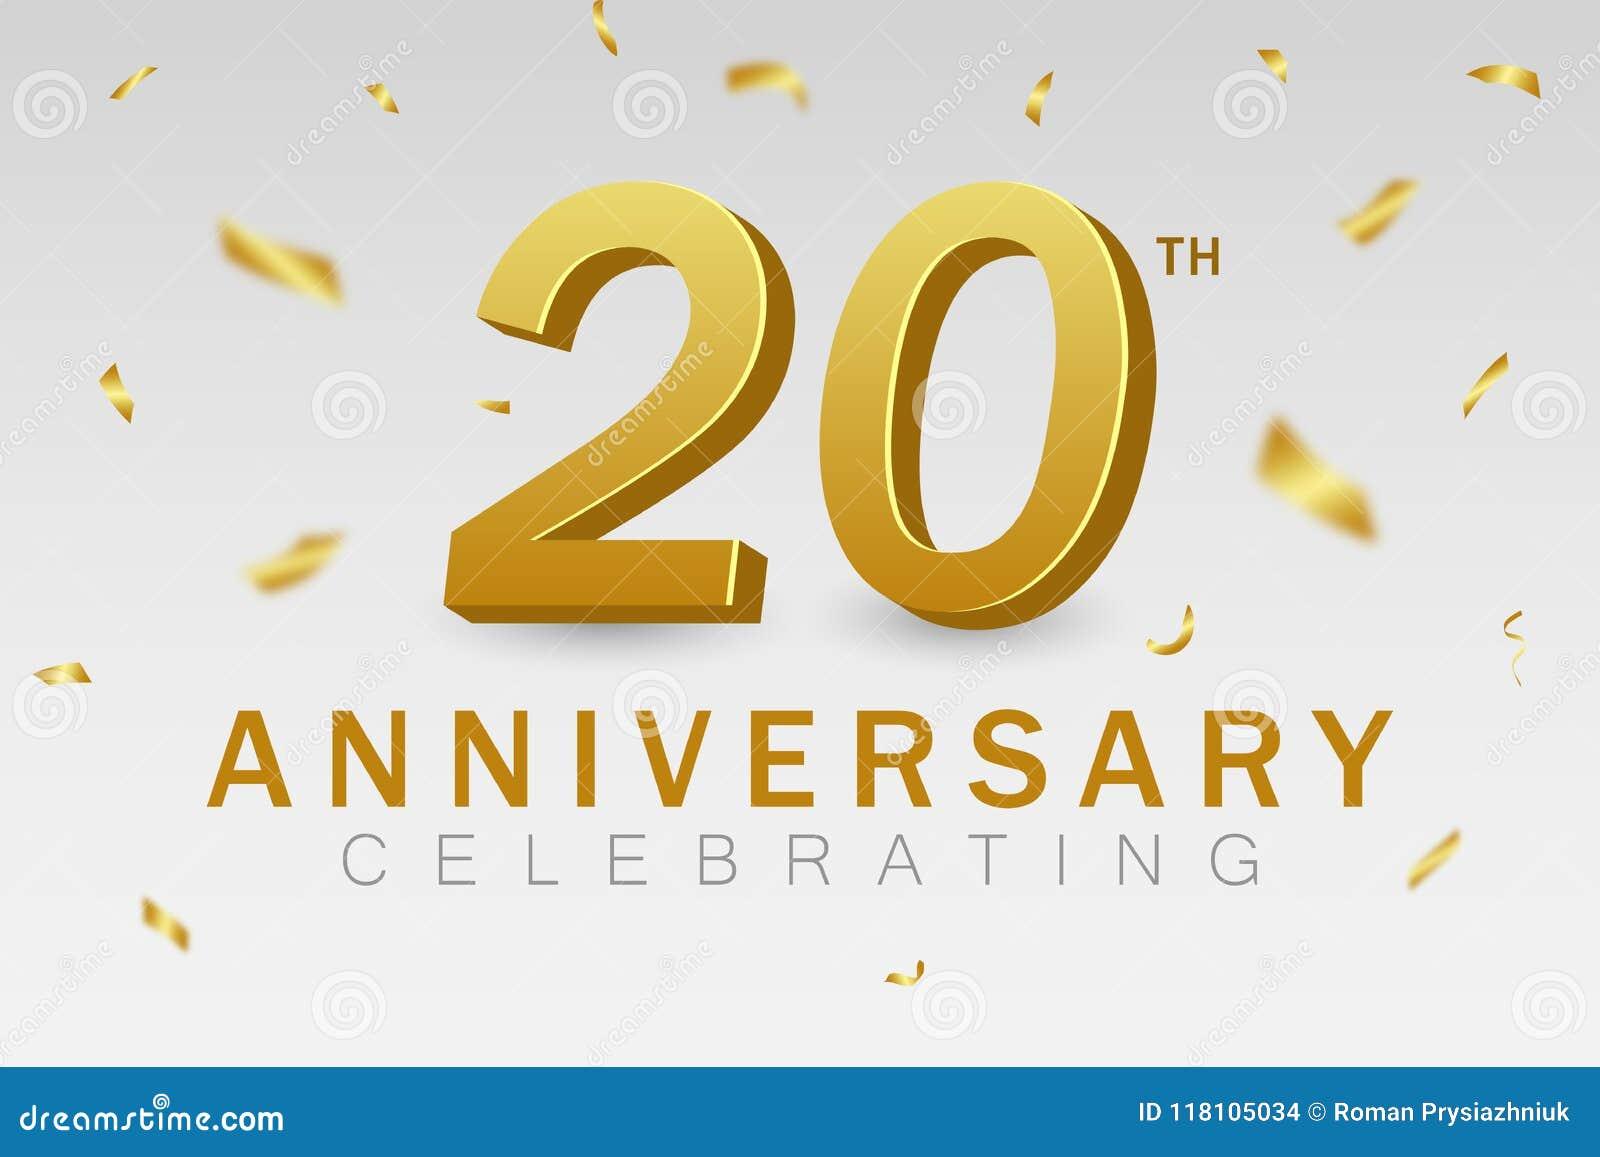 周年庆祝20年 与金黄五彩纸屑和金子3d的第20副周年横幅编号